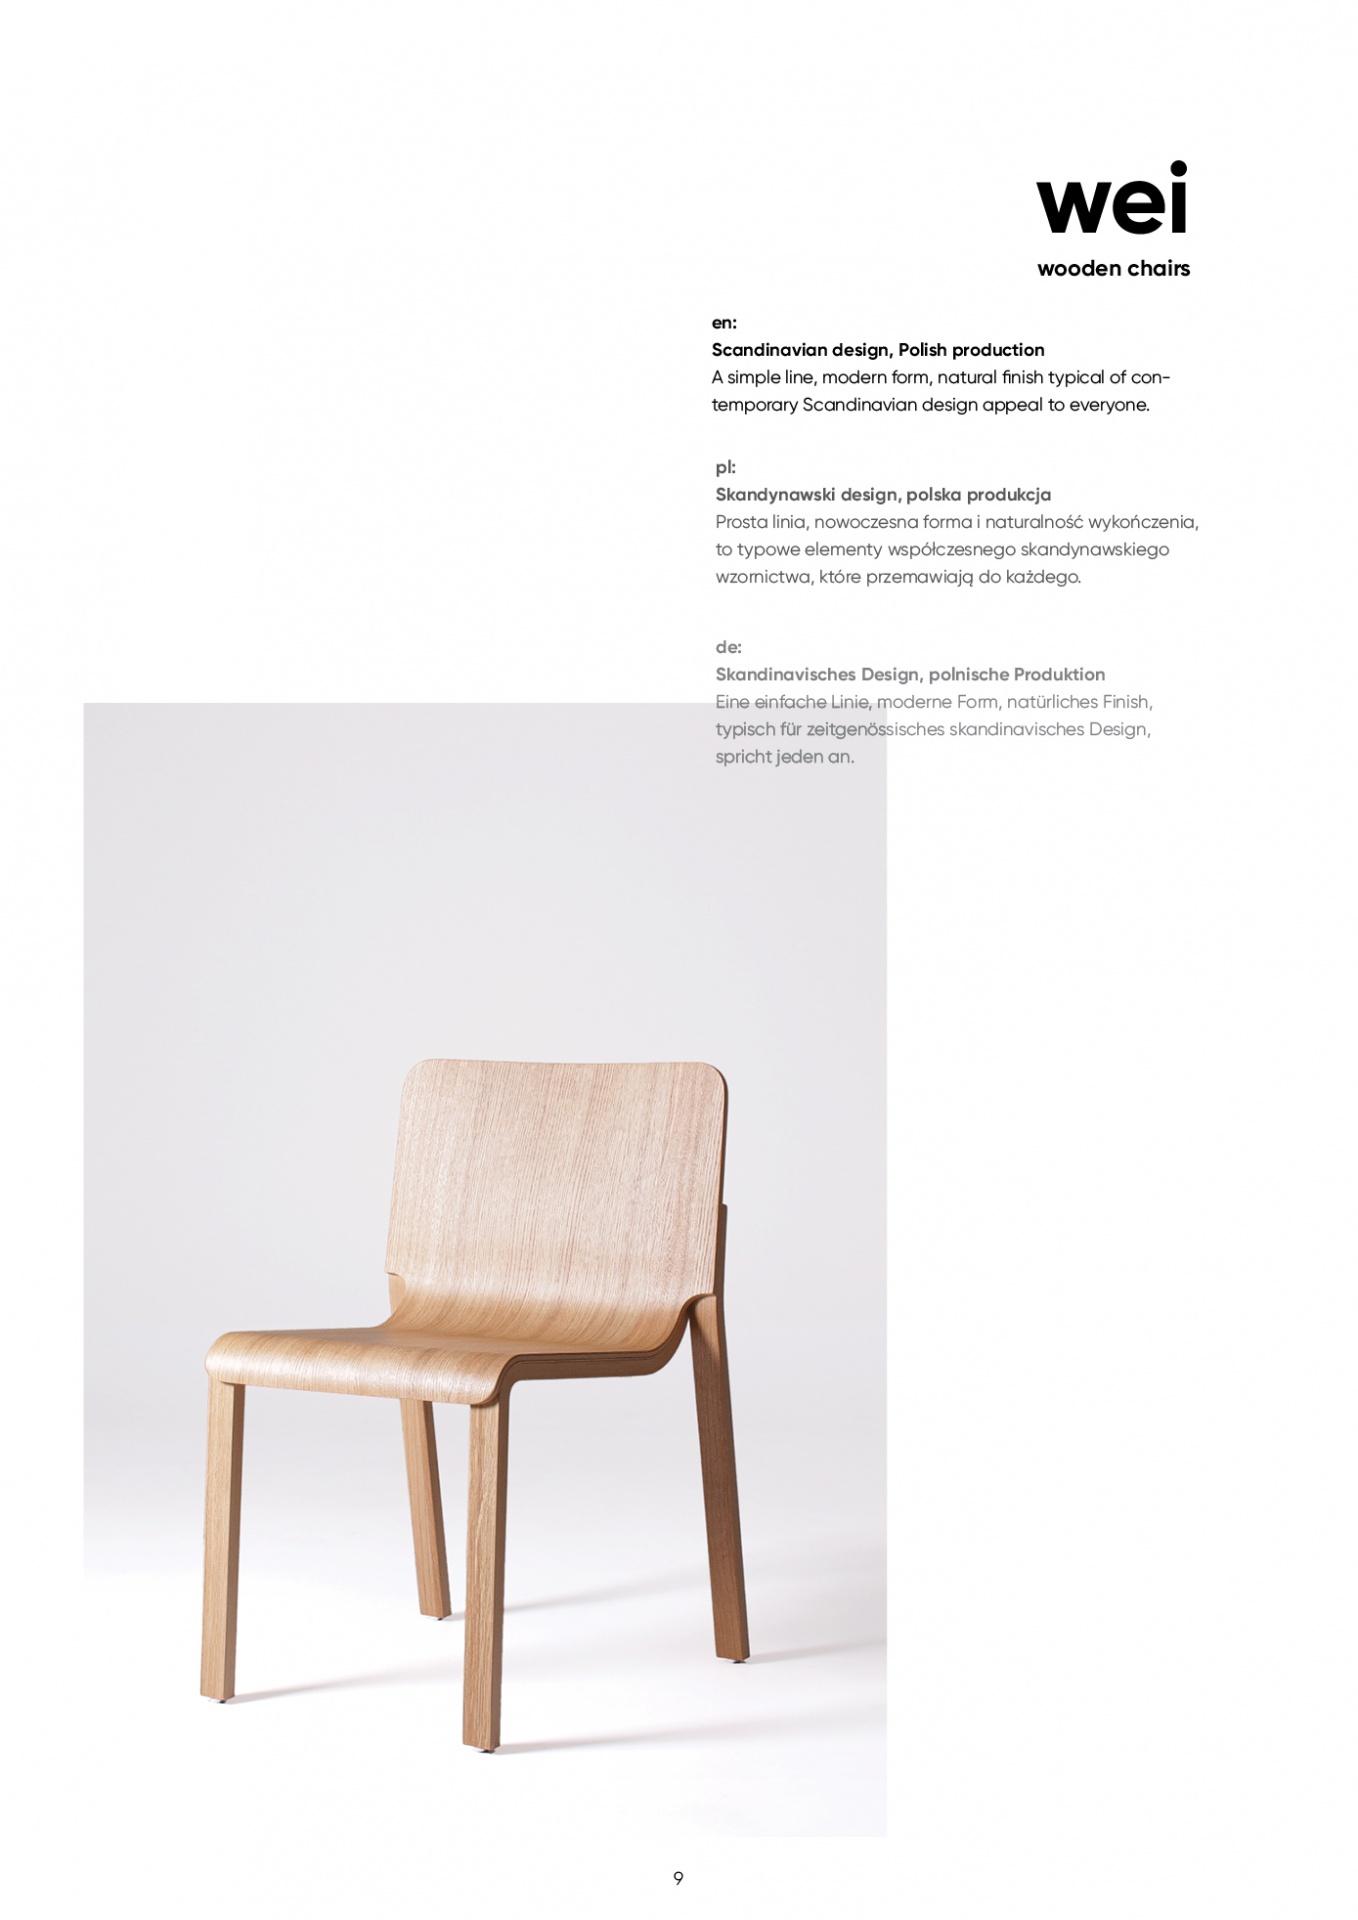 wei-catalogue-v2-9.jpg